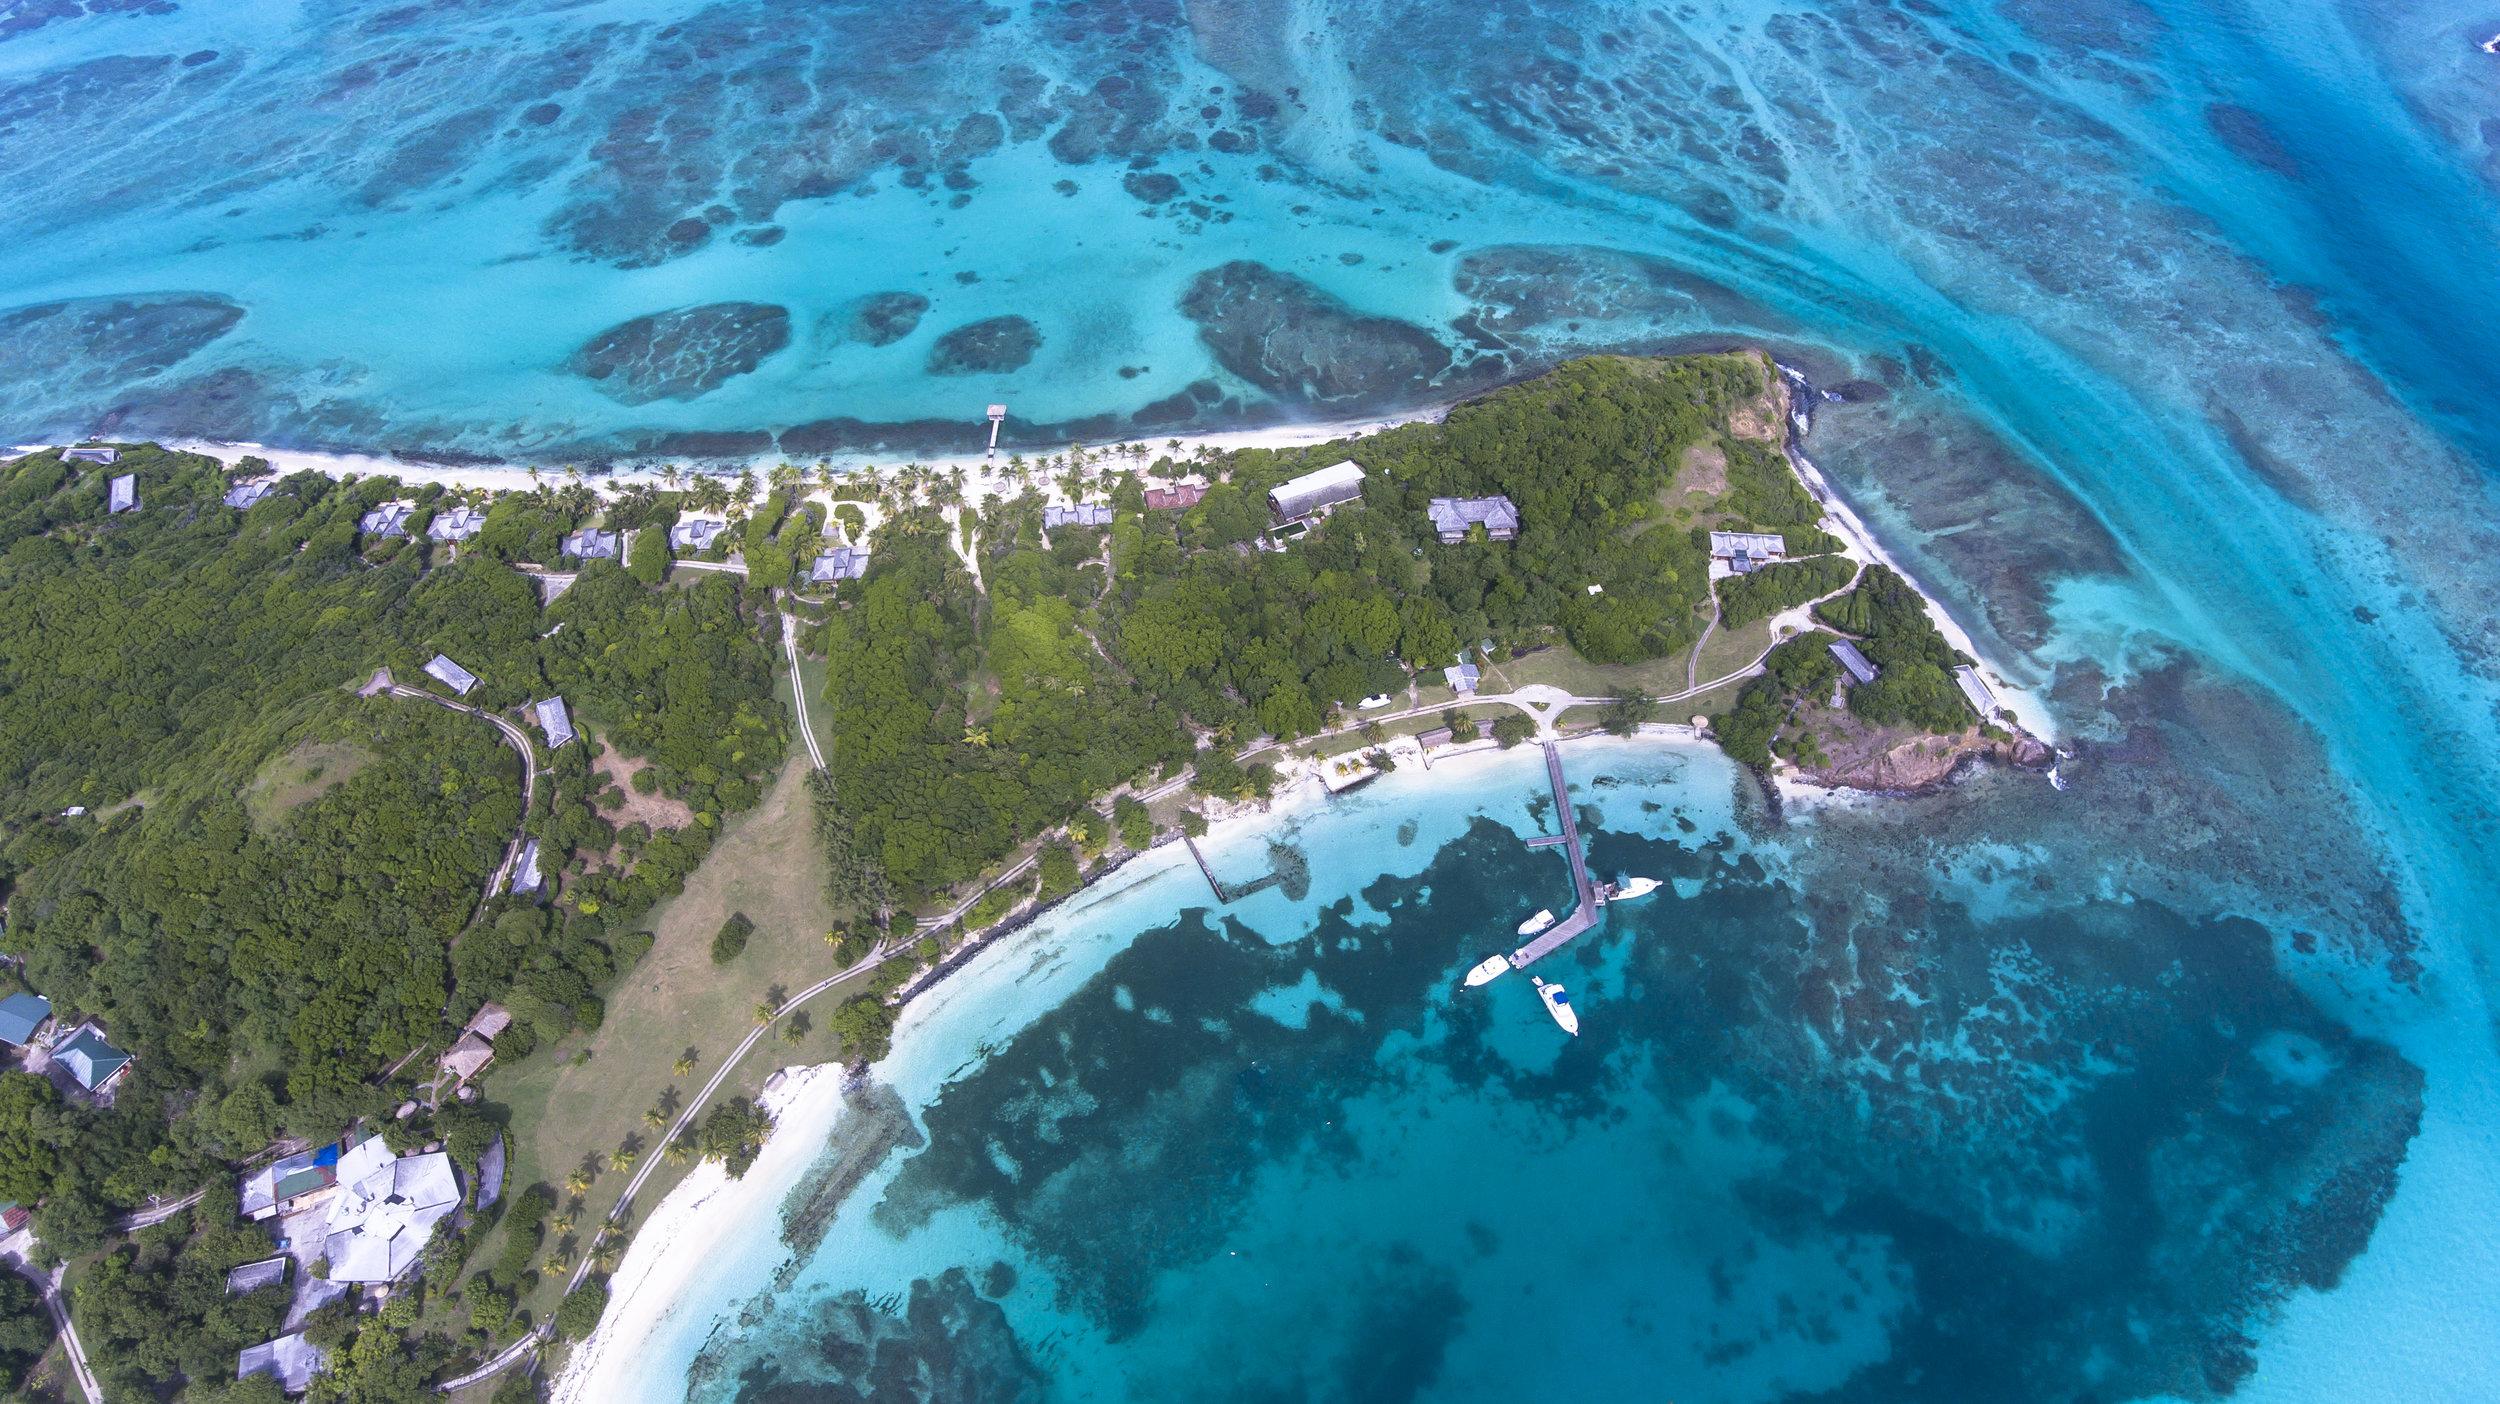 Petite St. Vincent, Grenadines credit: hugh whyte / coral reef image bank